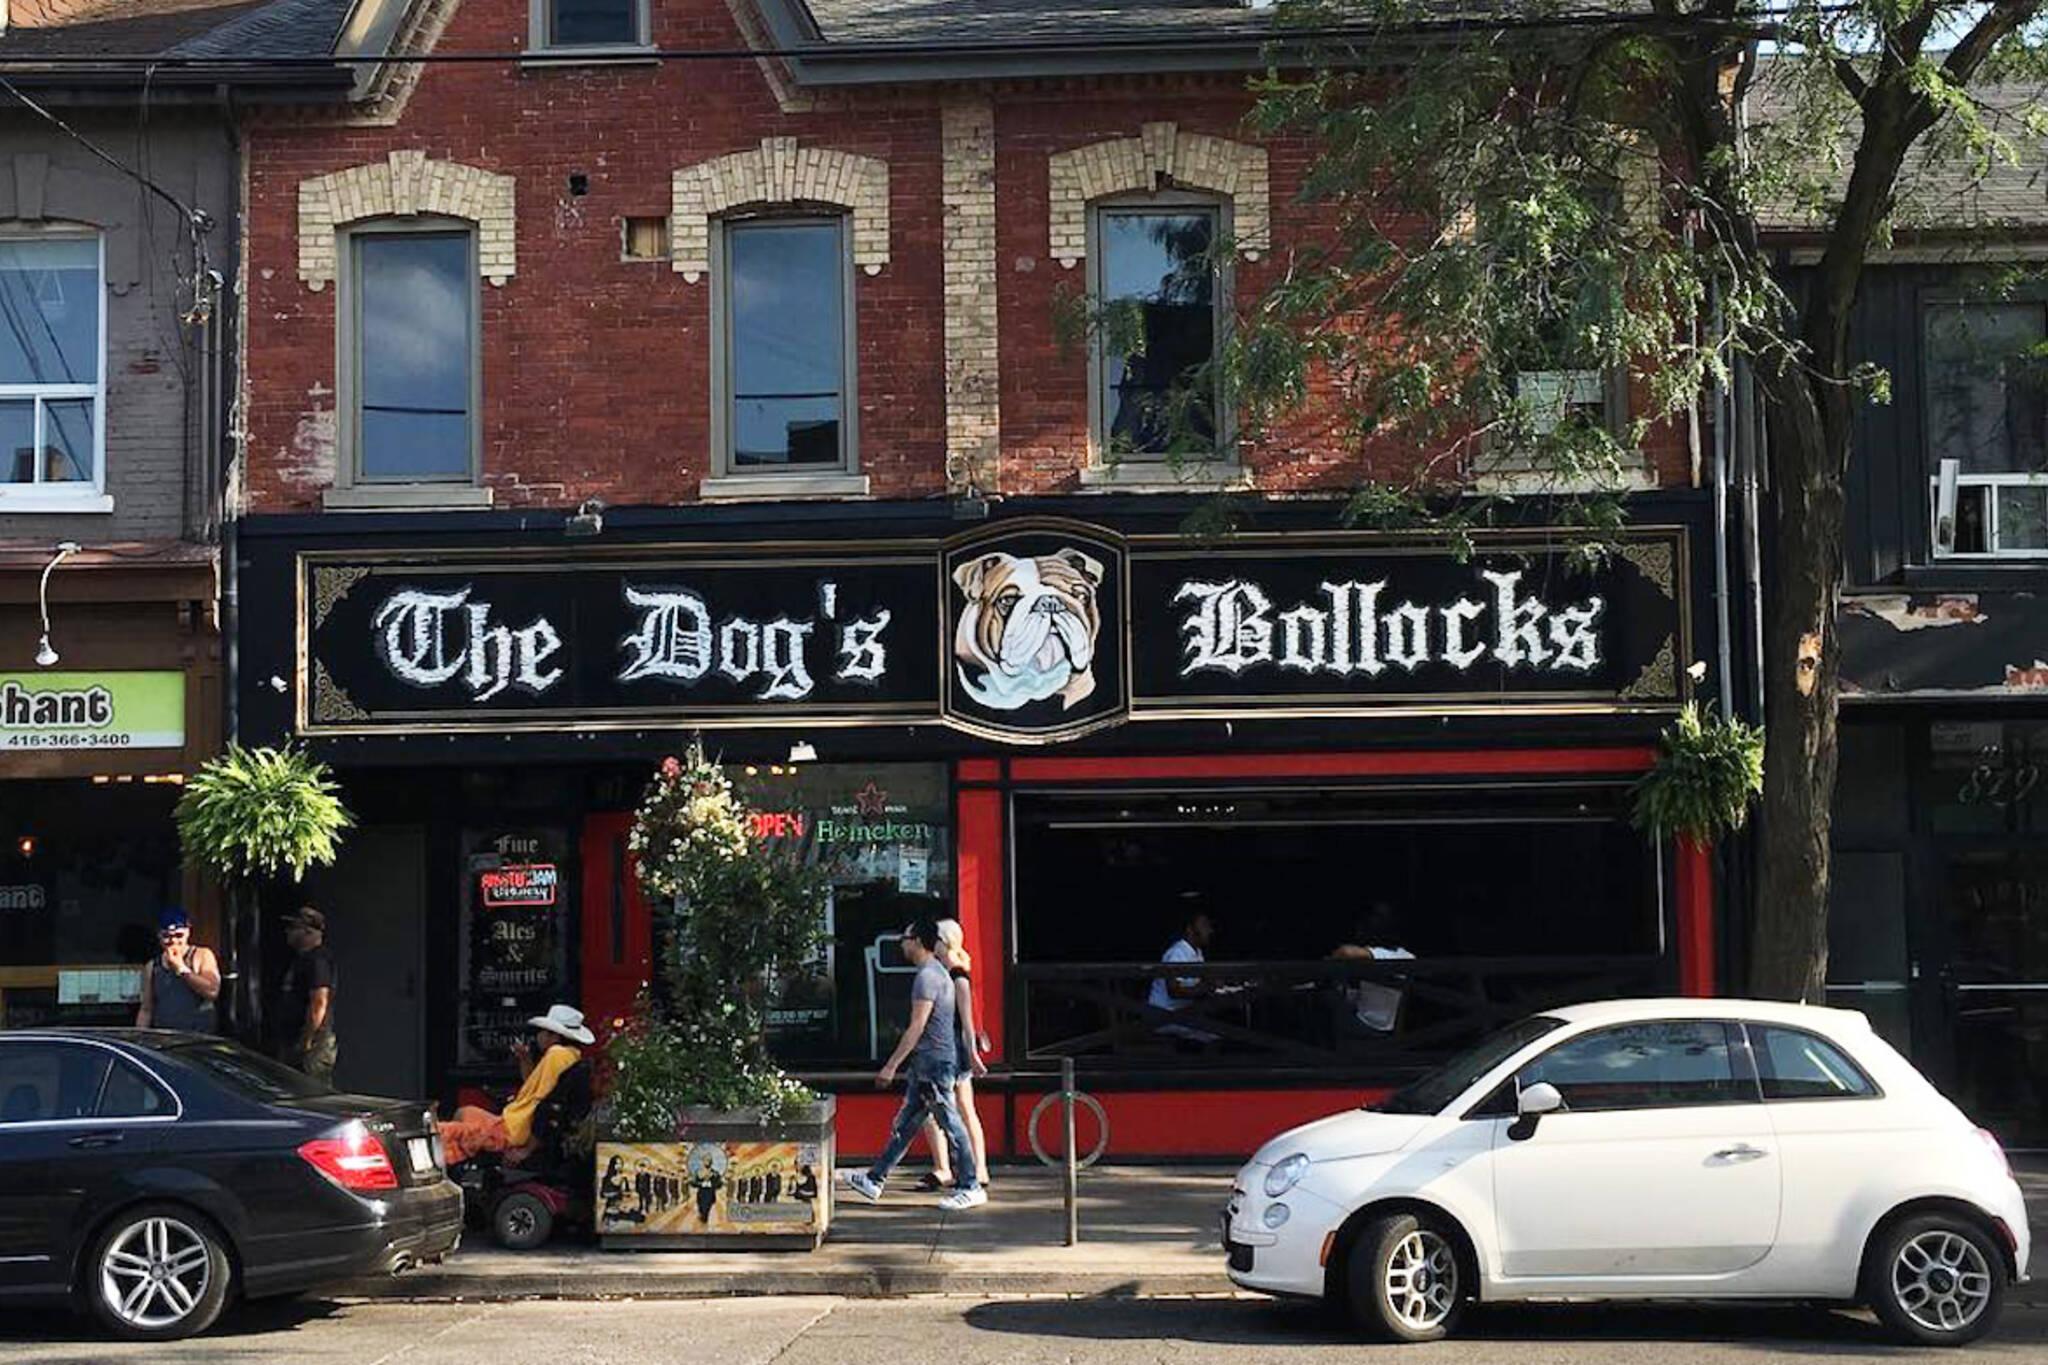 dog bollocks toronto